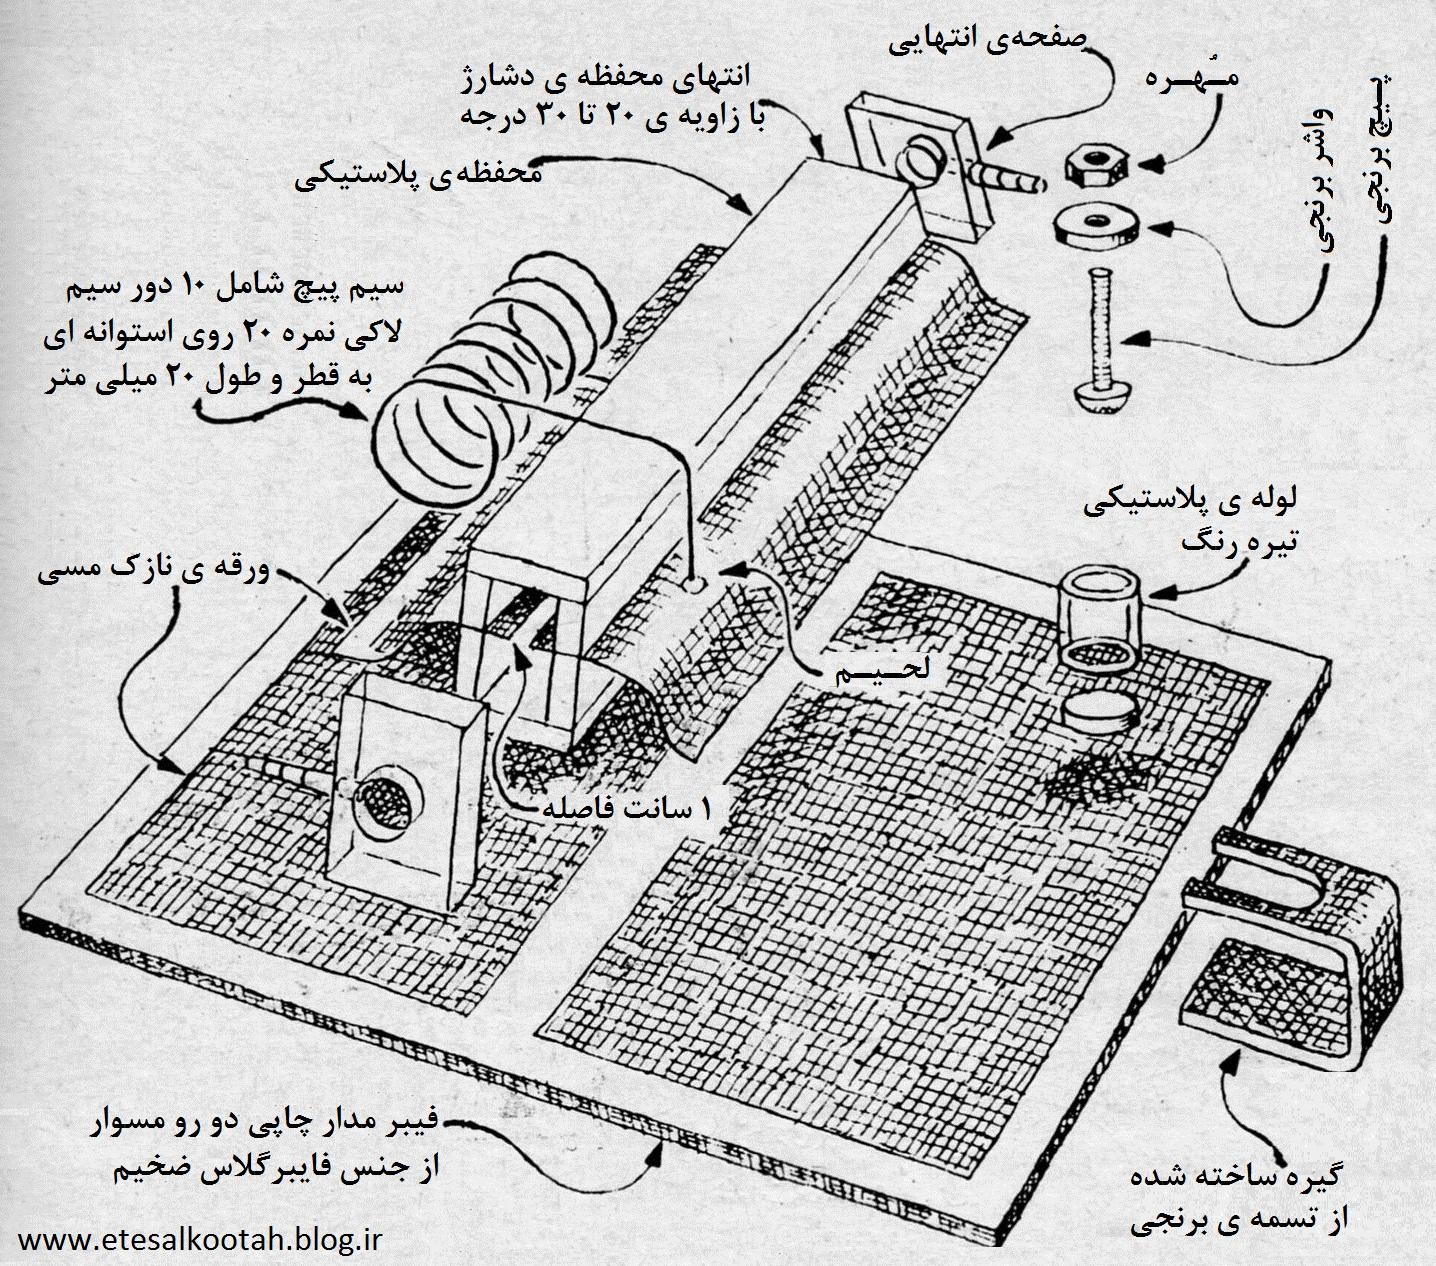 نمای انفجاری لیزر پالسی گازی